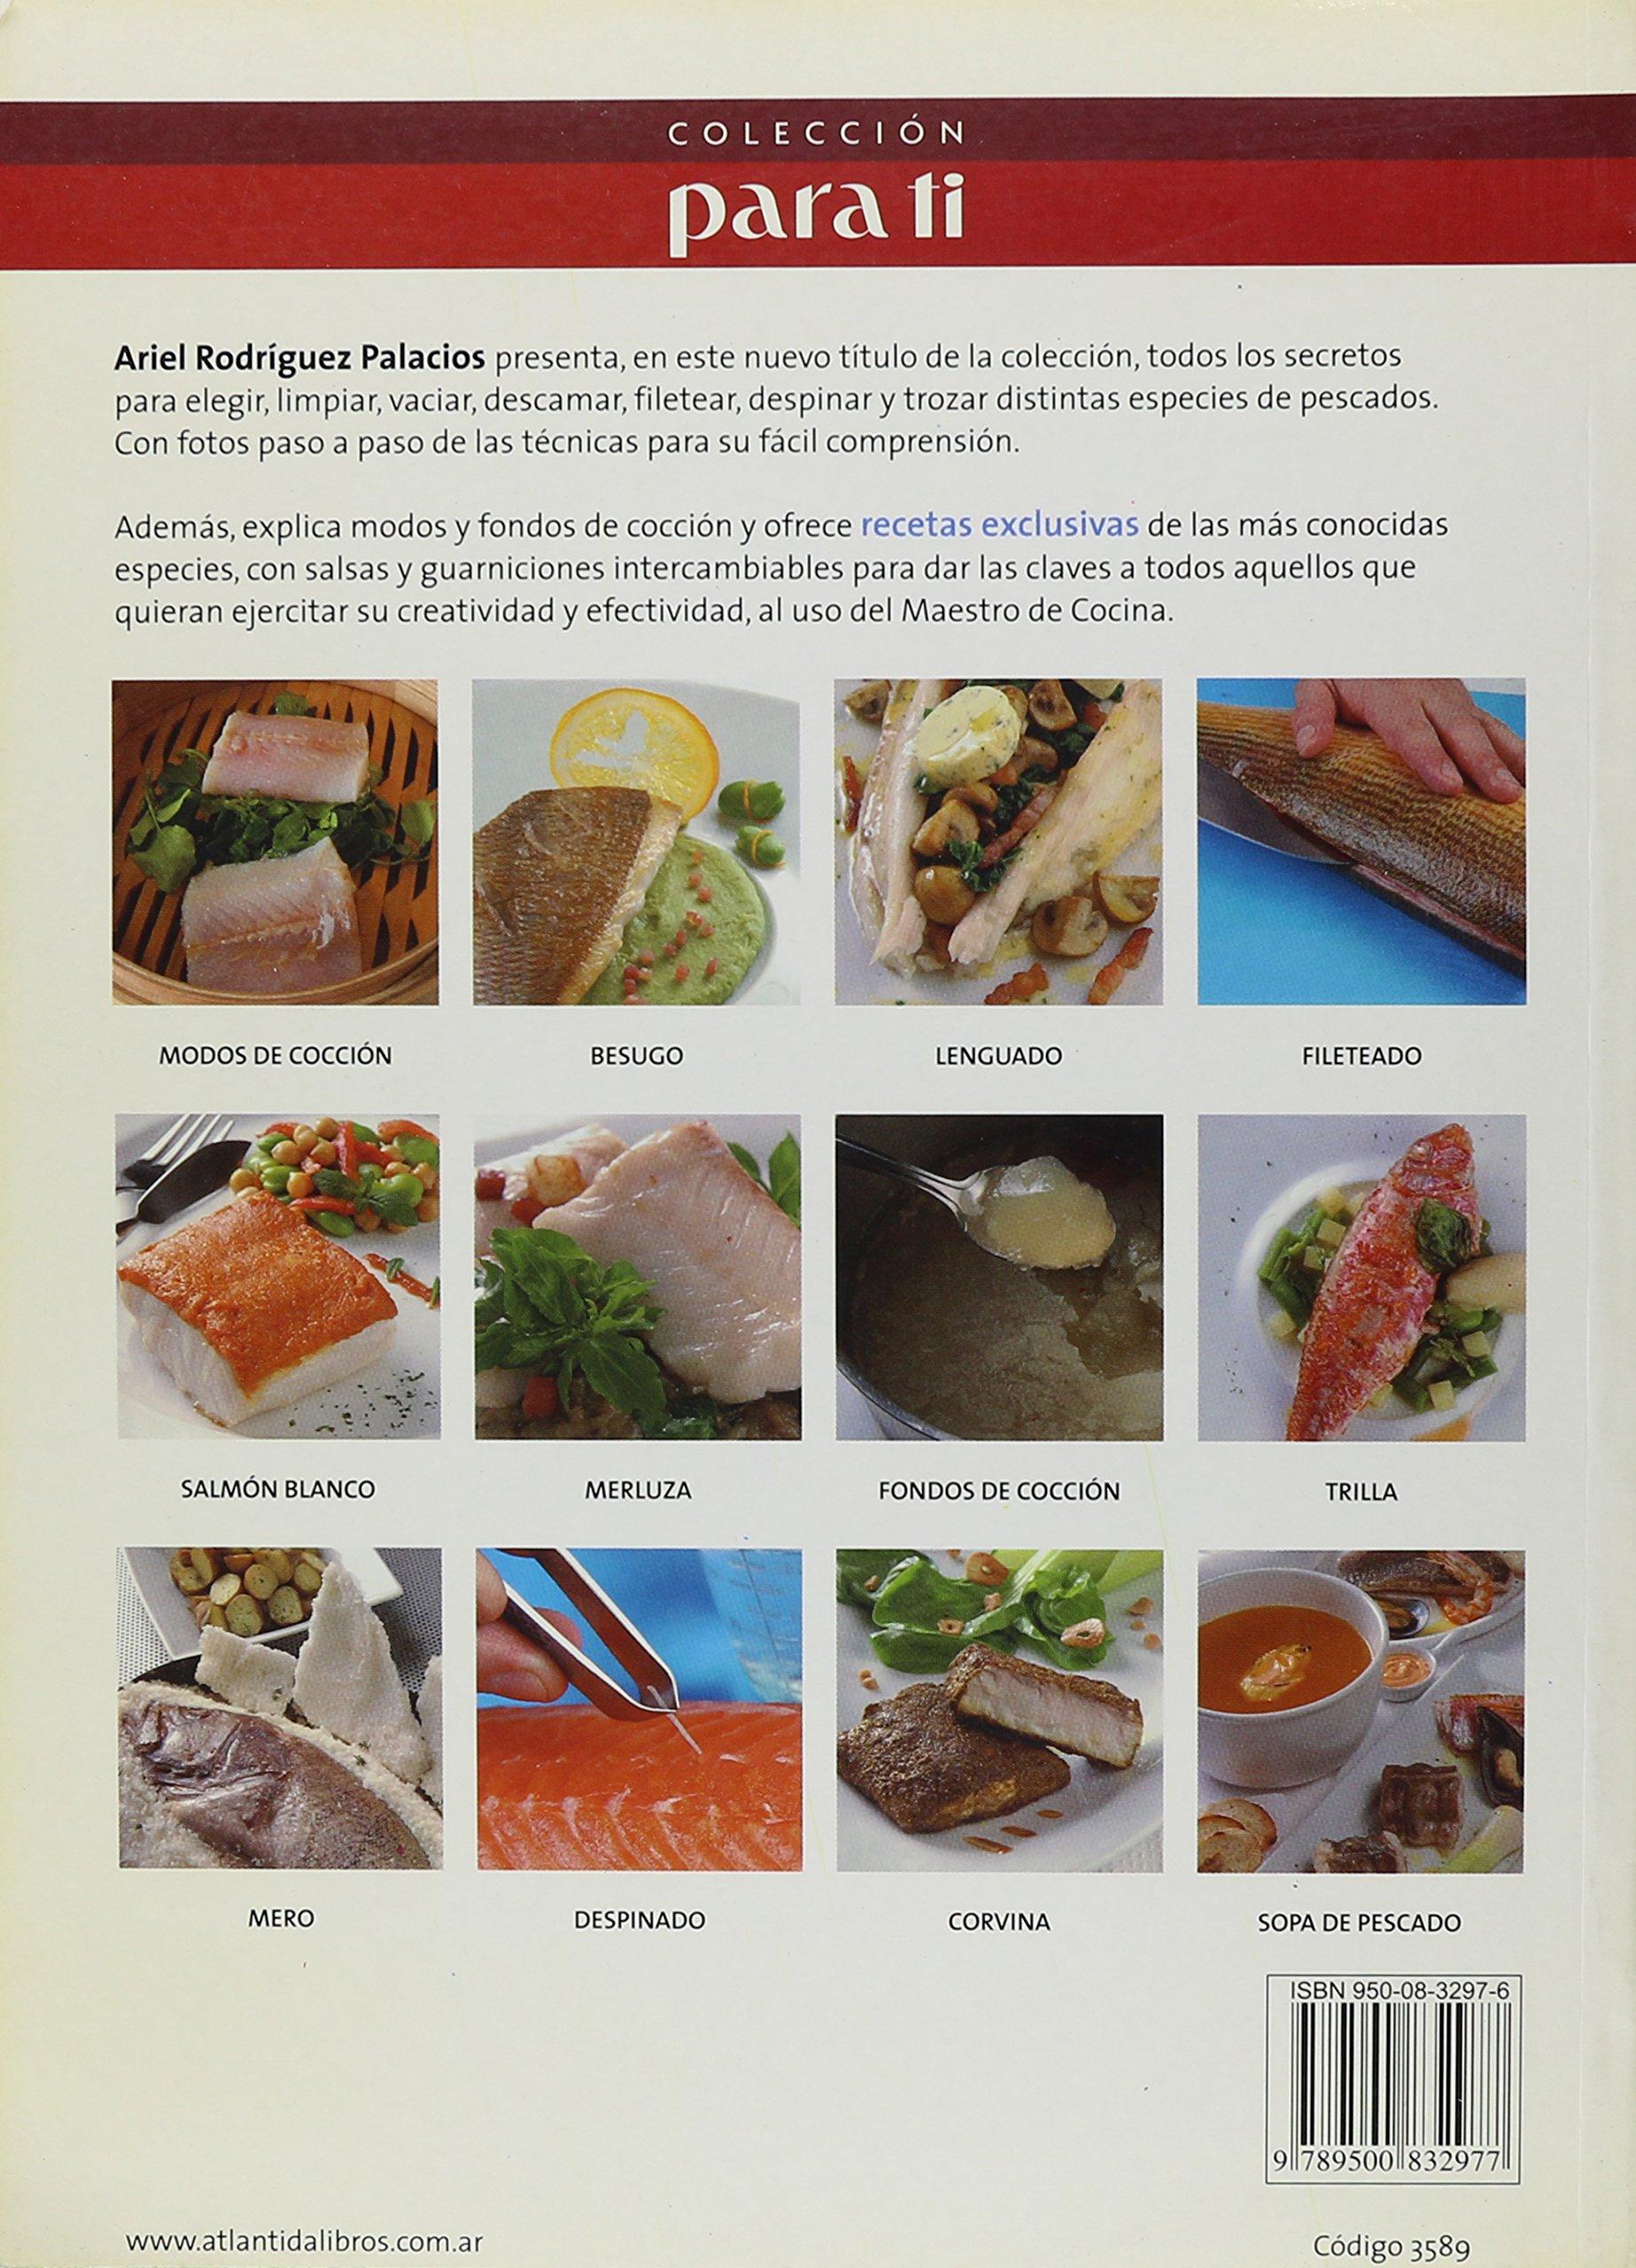 Pescados Al Uso del Maestro de Cocina Coleccion Para Ti: Amazon.es: Ariel Rodriguez Palacios: Libros